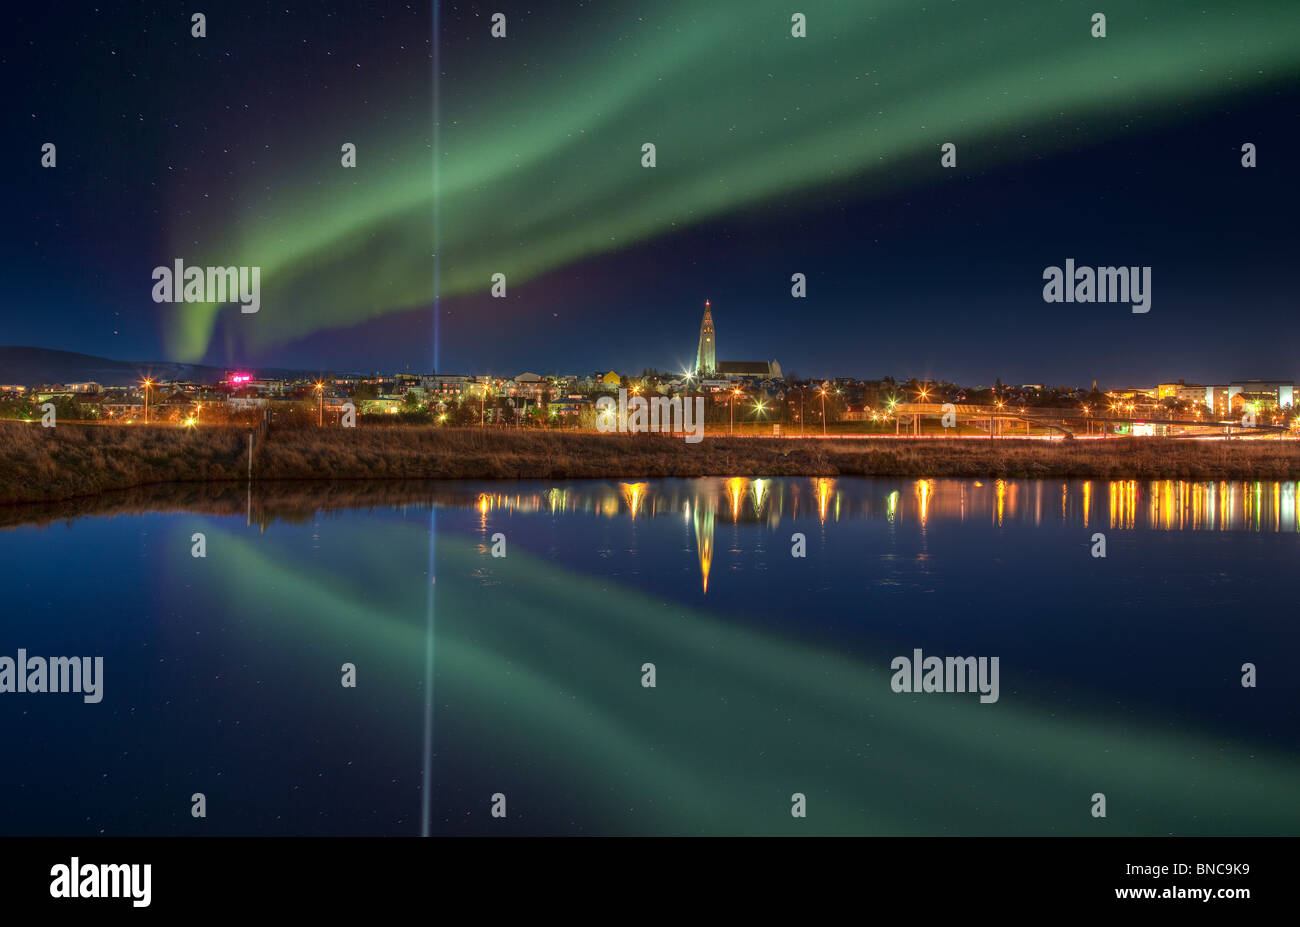 Stellen Sie sich Peace Tower Licht und Aurora Borealis in Reykjavik, Island Stockbild